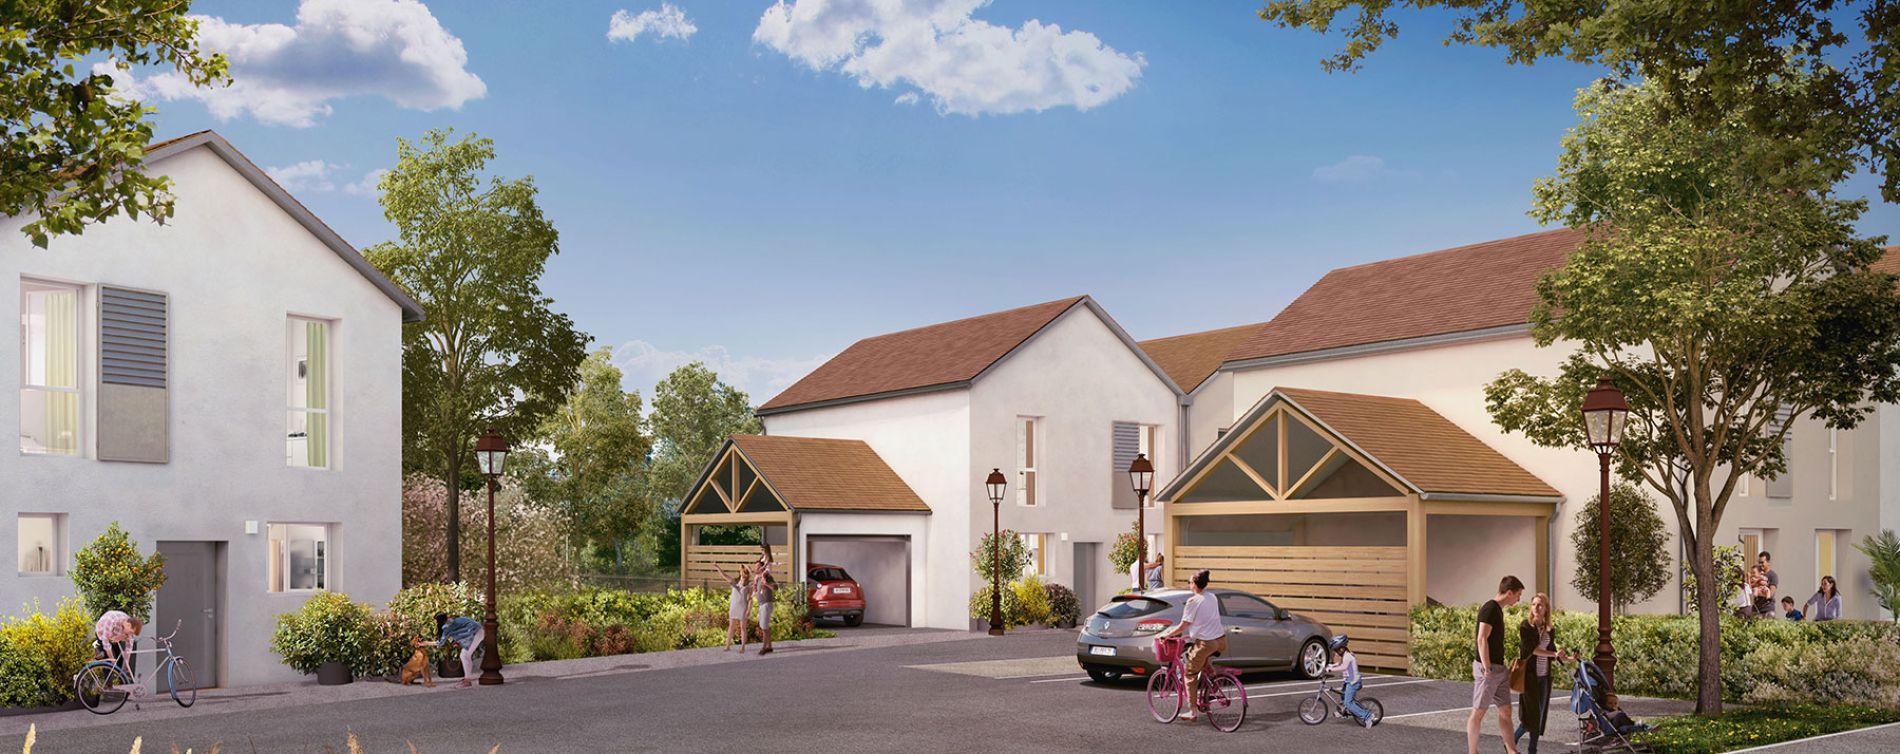 Ormoy : programme immobilier neuve « La Roselière » (3)